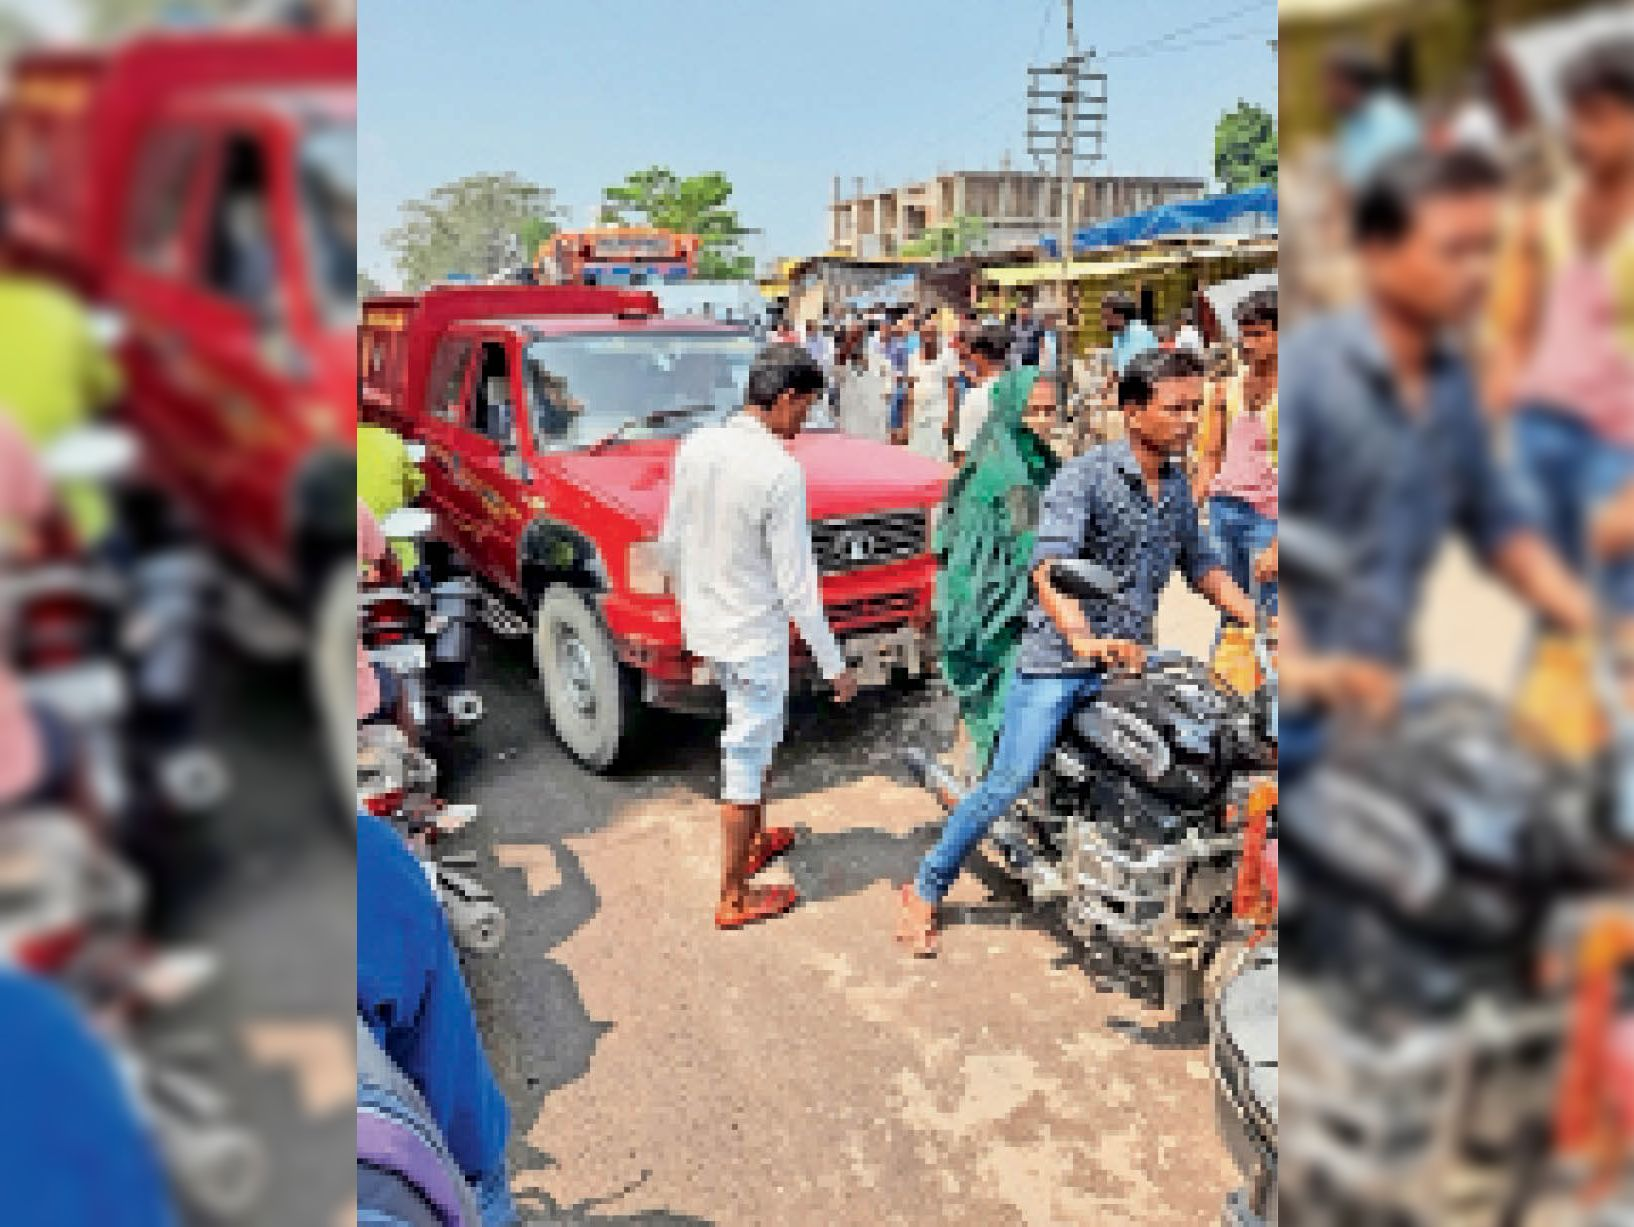 बाजार समिति के सामने दरभंगा रोड पर जाम में फंसा अग्निशमन वाहन। - Dainik Bhaskar